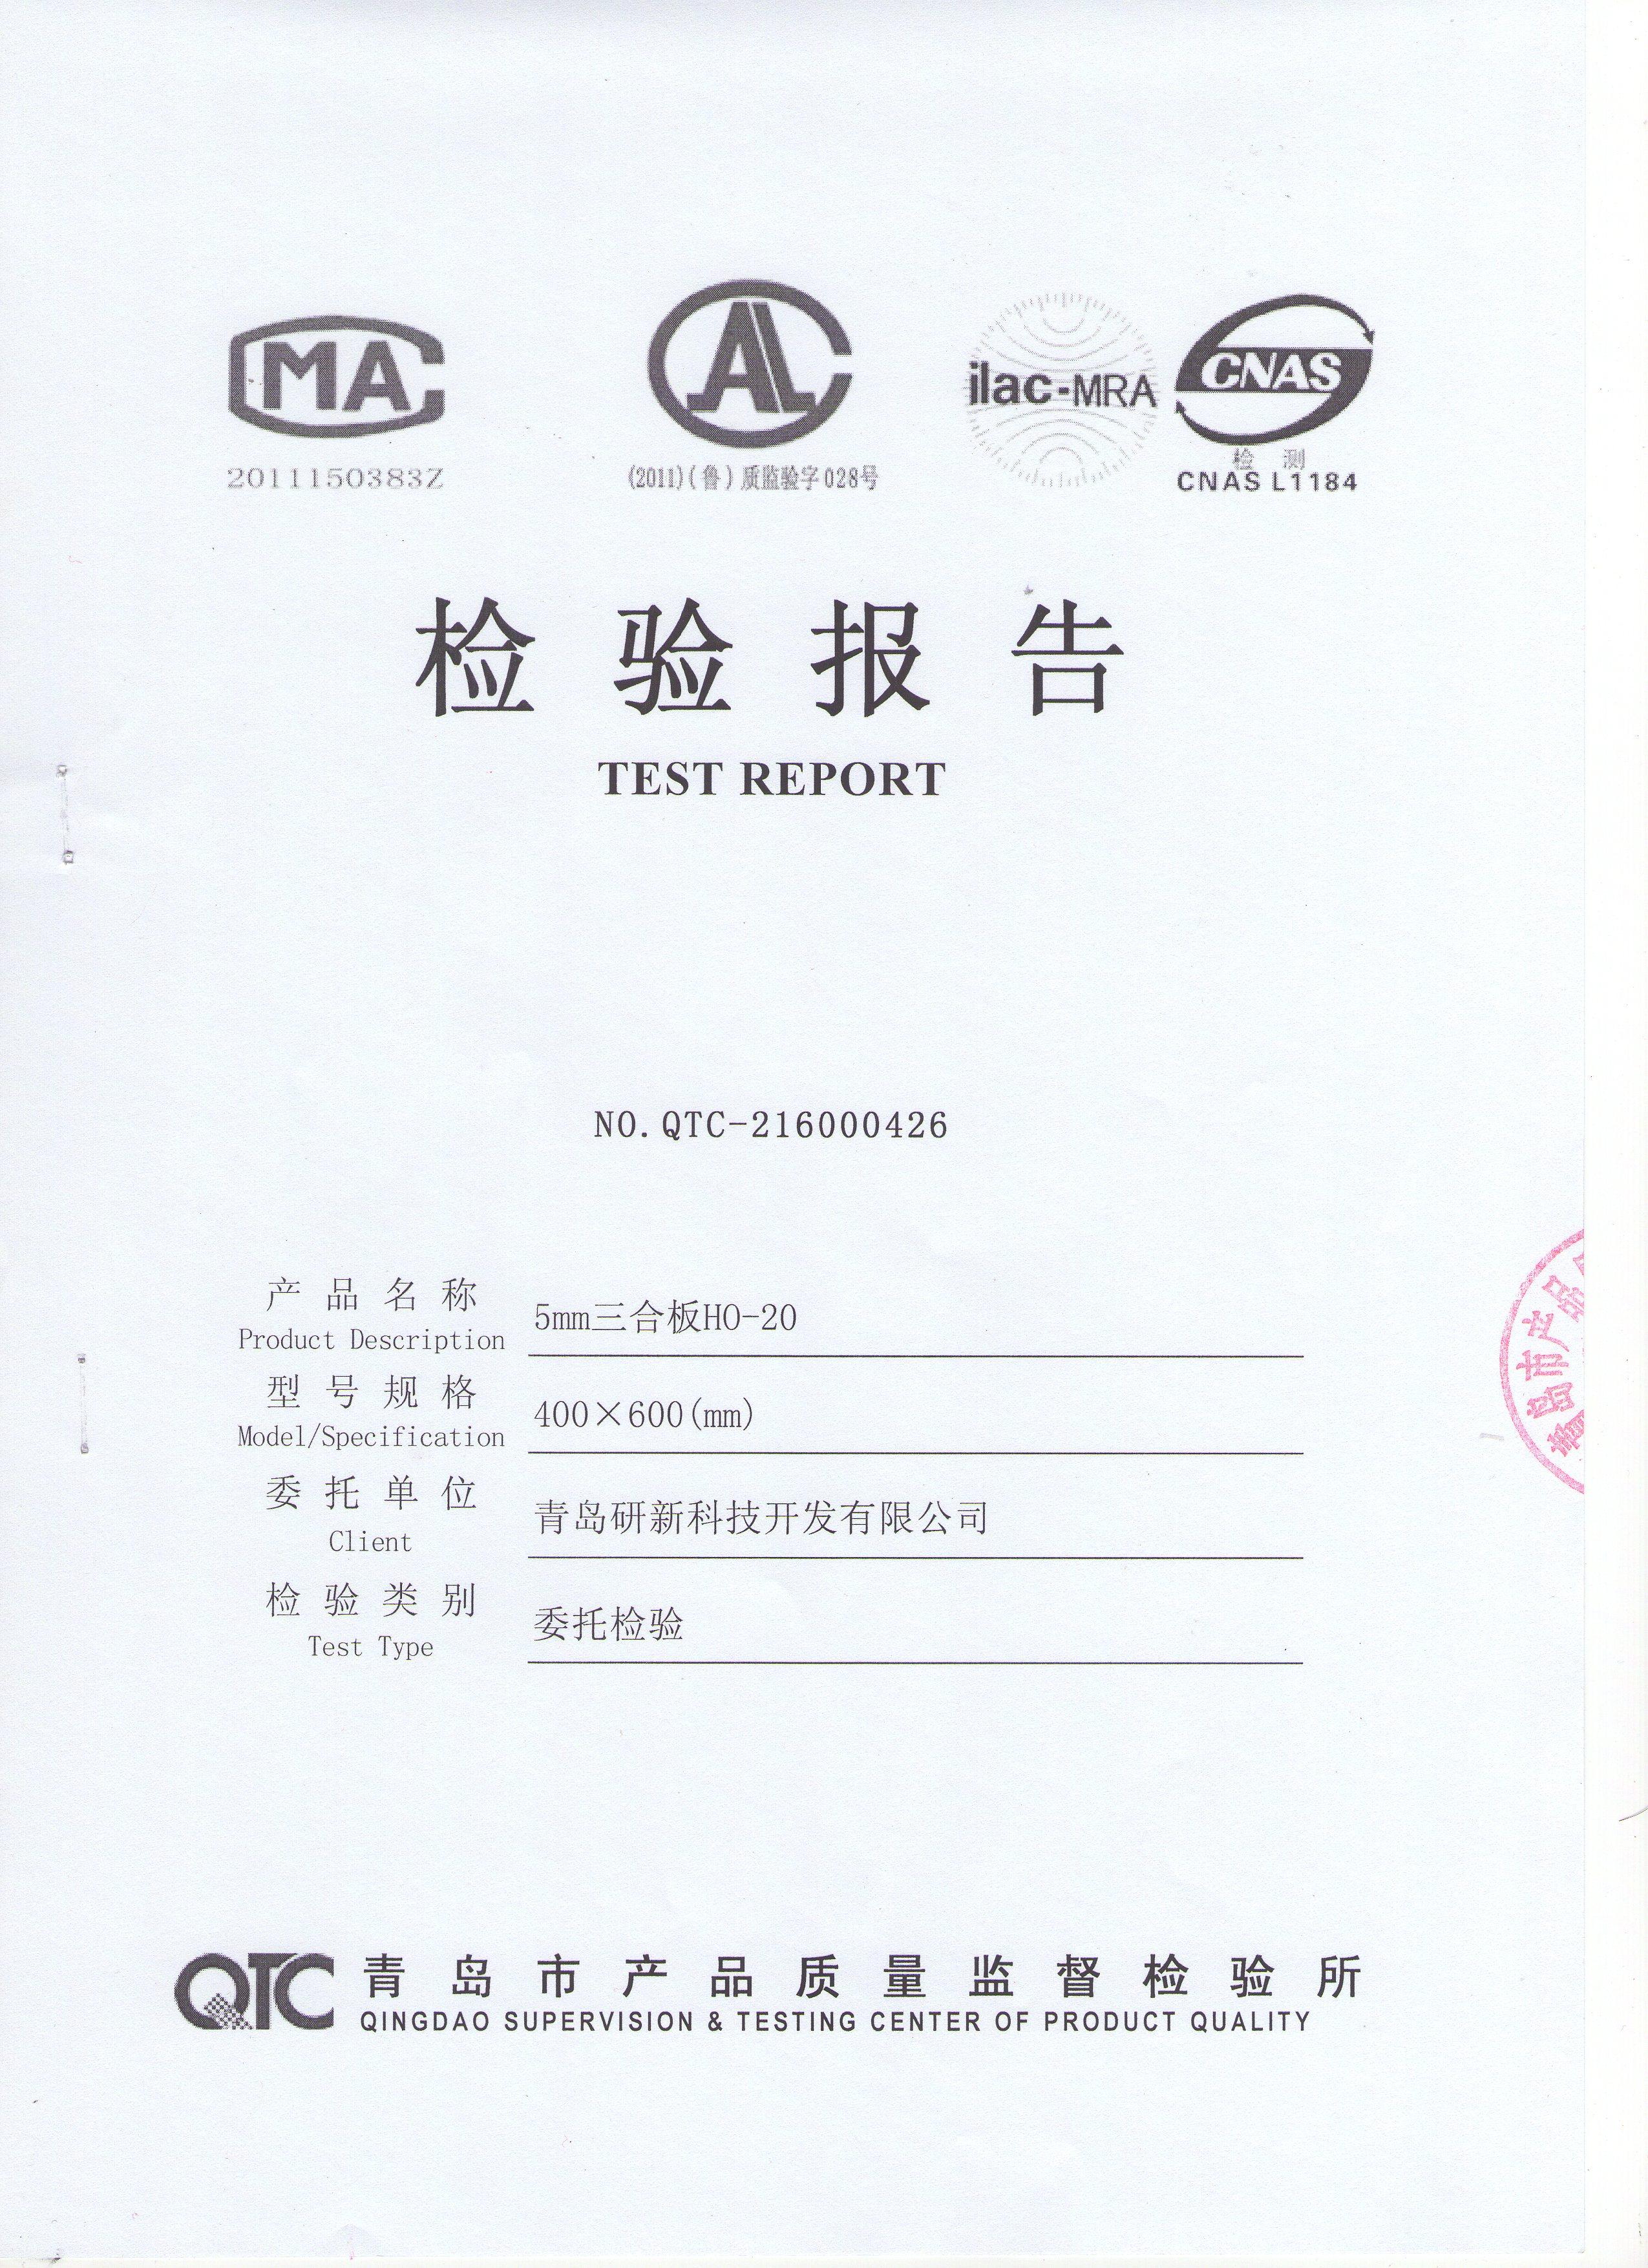 2012青岛质监局原样1